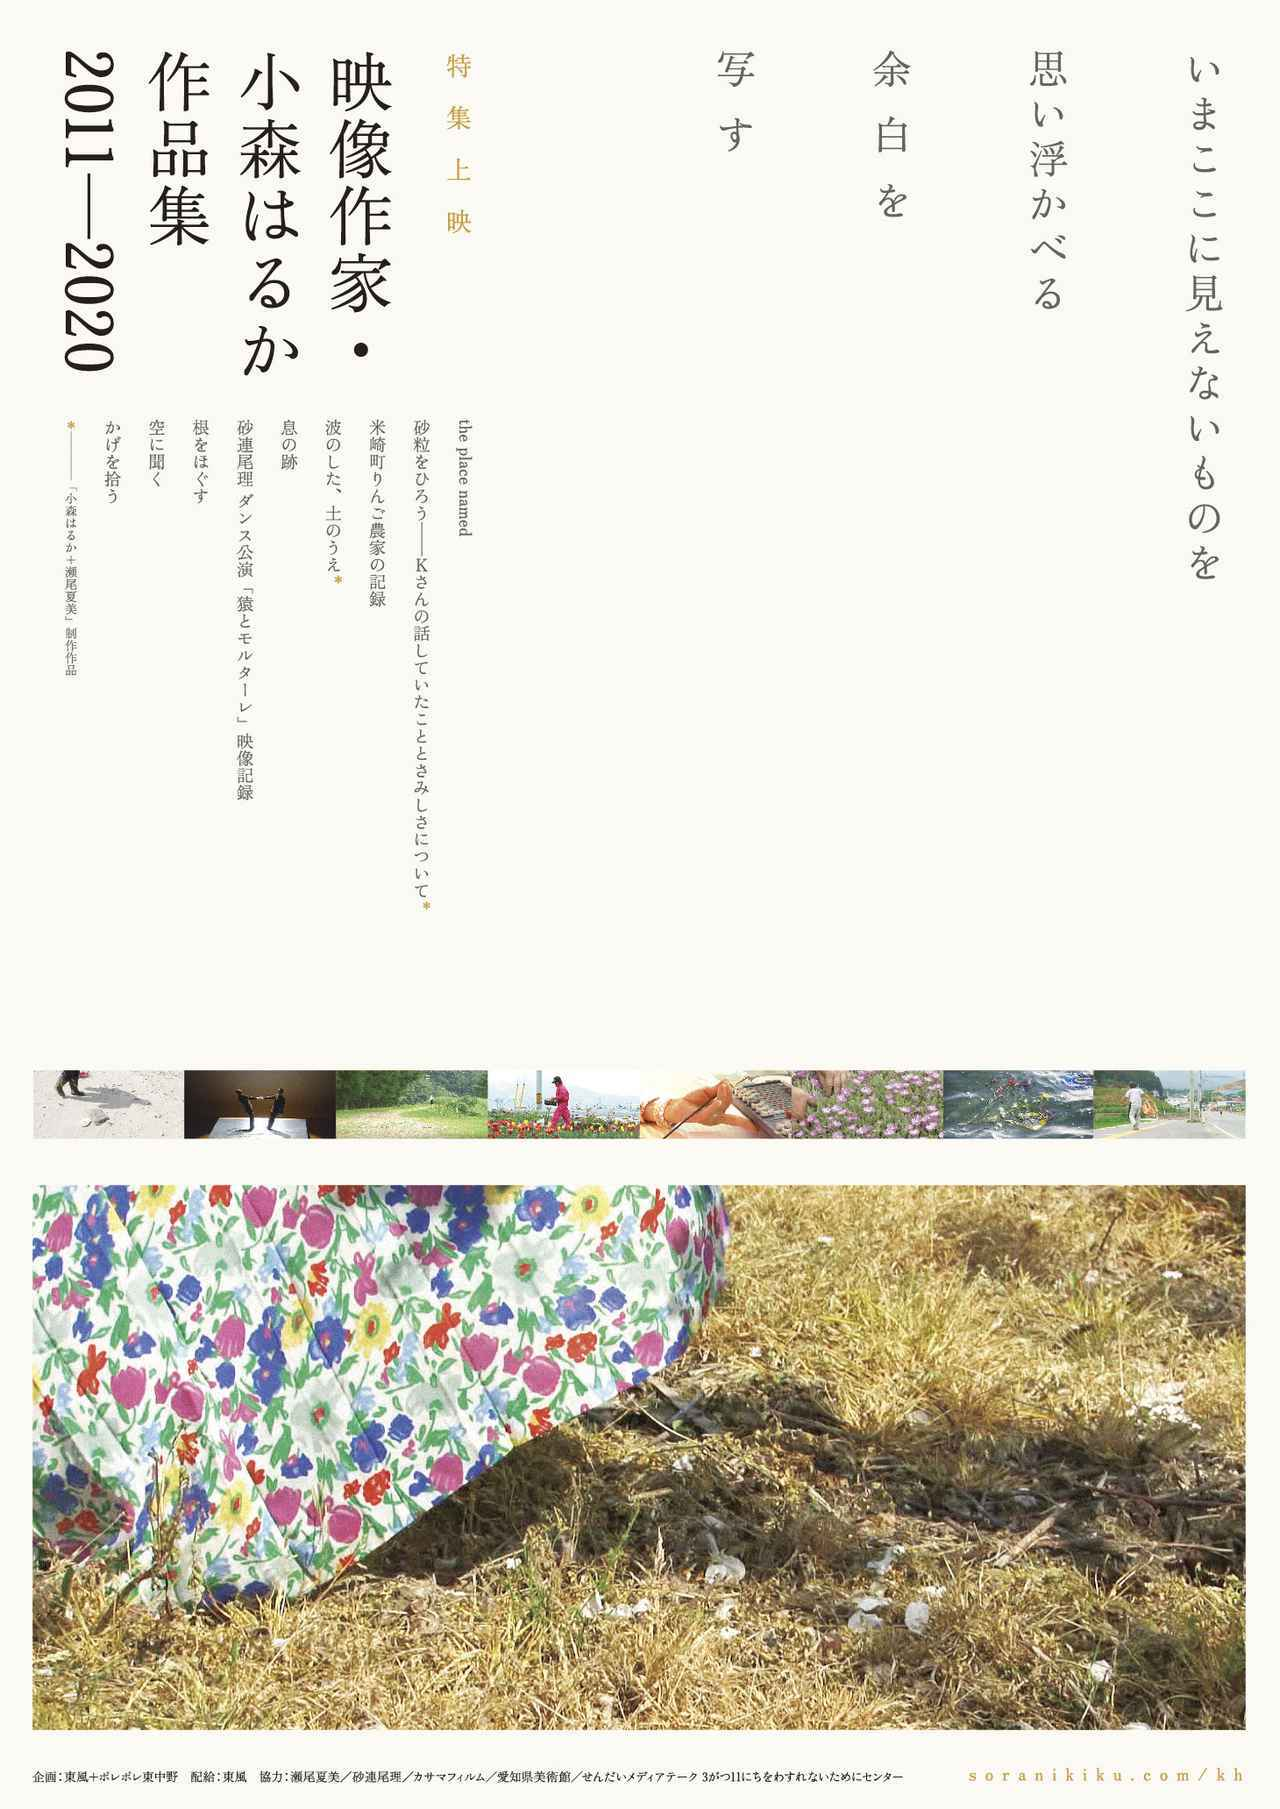 画像: 「小森はるか+瀬尾夏美」の最新映画『二重のまち/交代地のうたを編む』公開にあわせ、特集上映「映像作家・小森はるか作品集 2011-2020」開催!